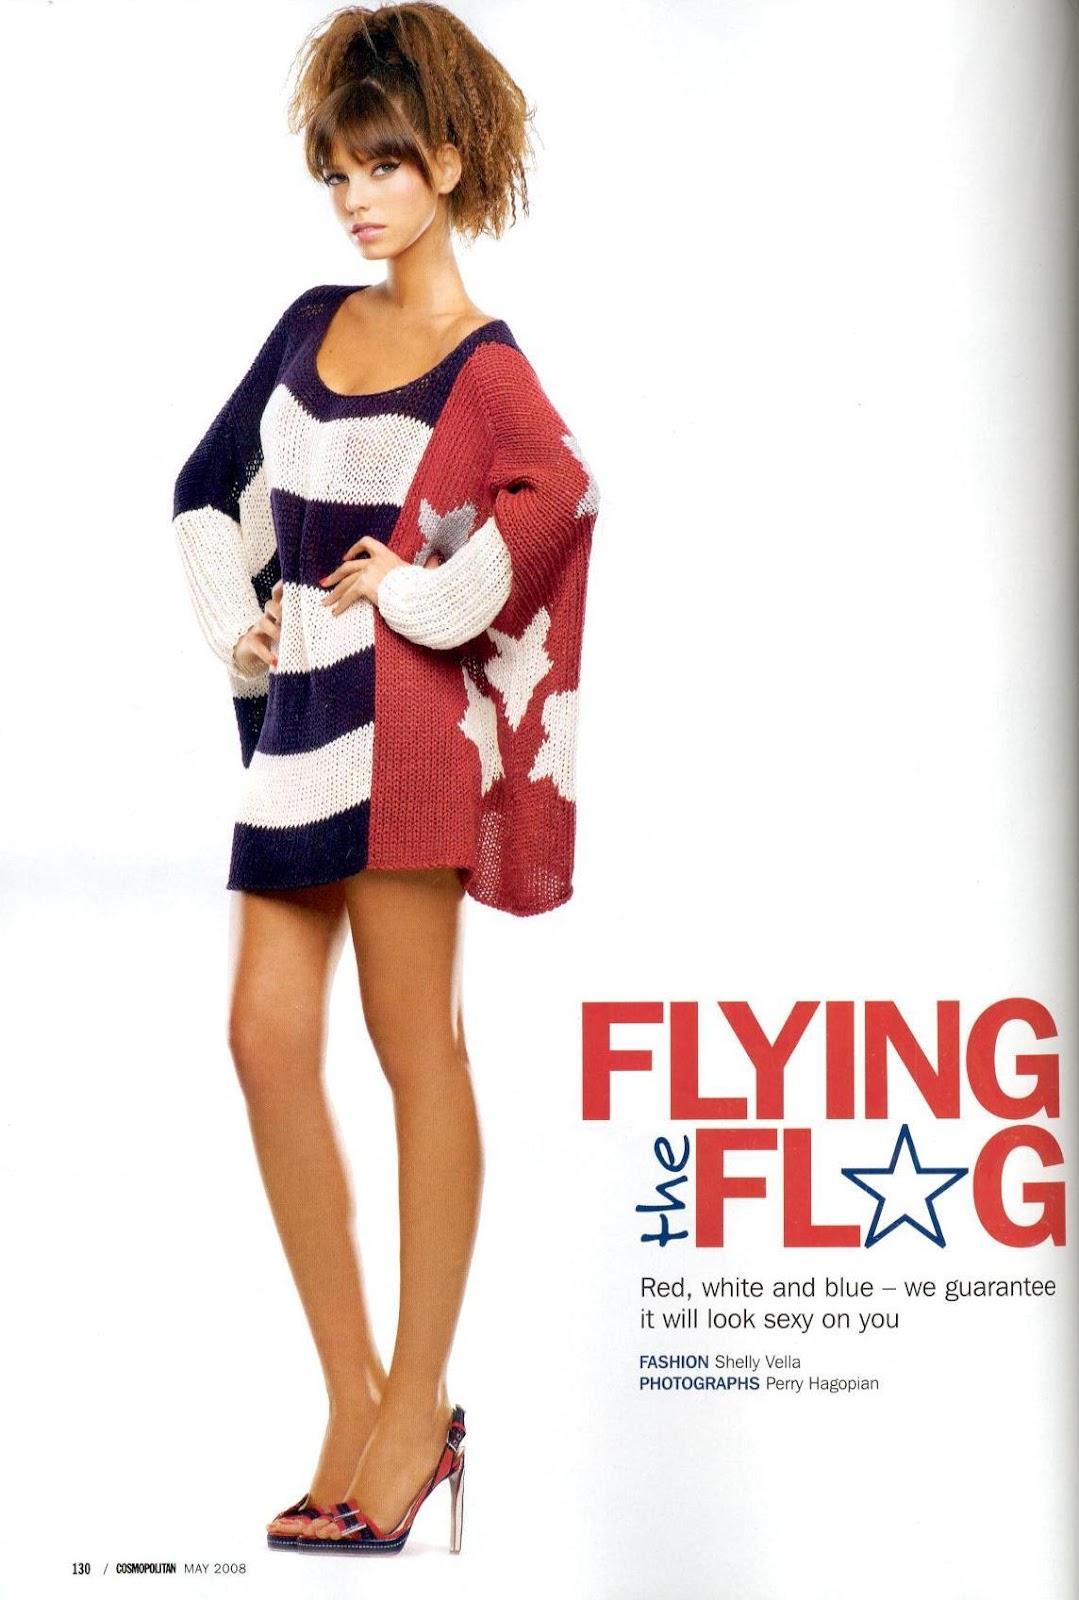 http://3.bp.blogspot.com/-sCZl1F27qto/T86NL_SfitI/AAAAAAAABIU/-FKMRsVpE6A/s1600/Cosmopolitan+Magazine+UK_+May+2008.JPG